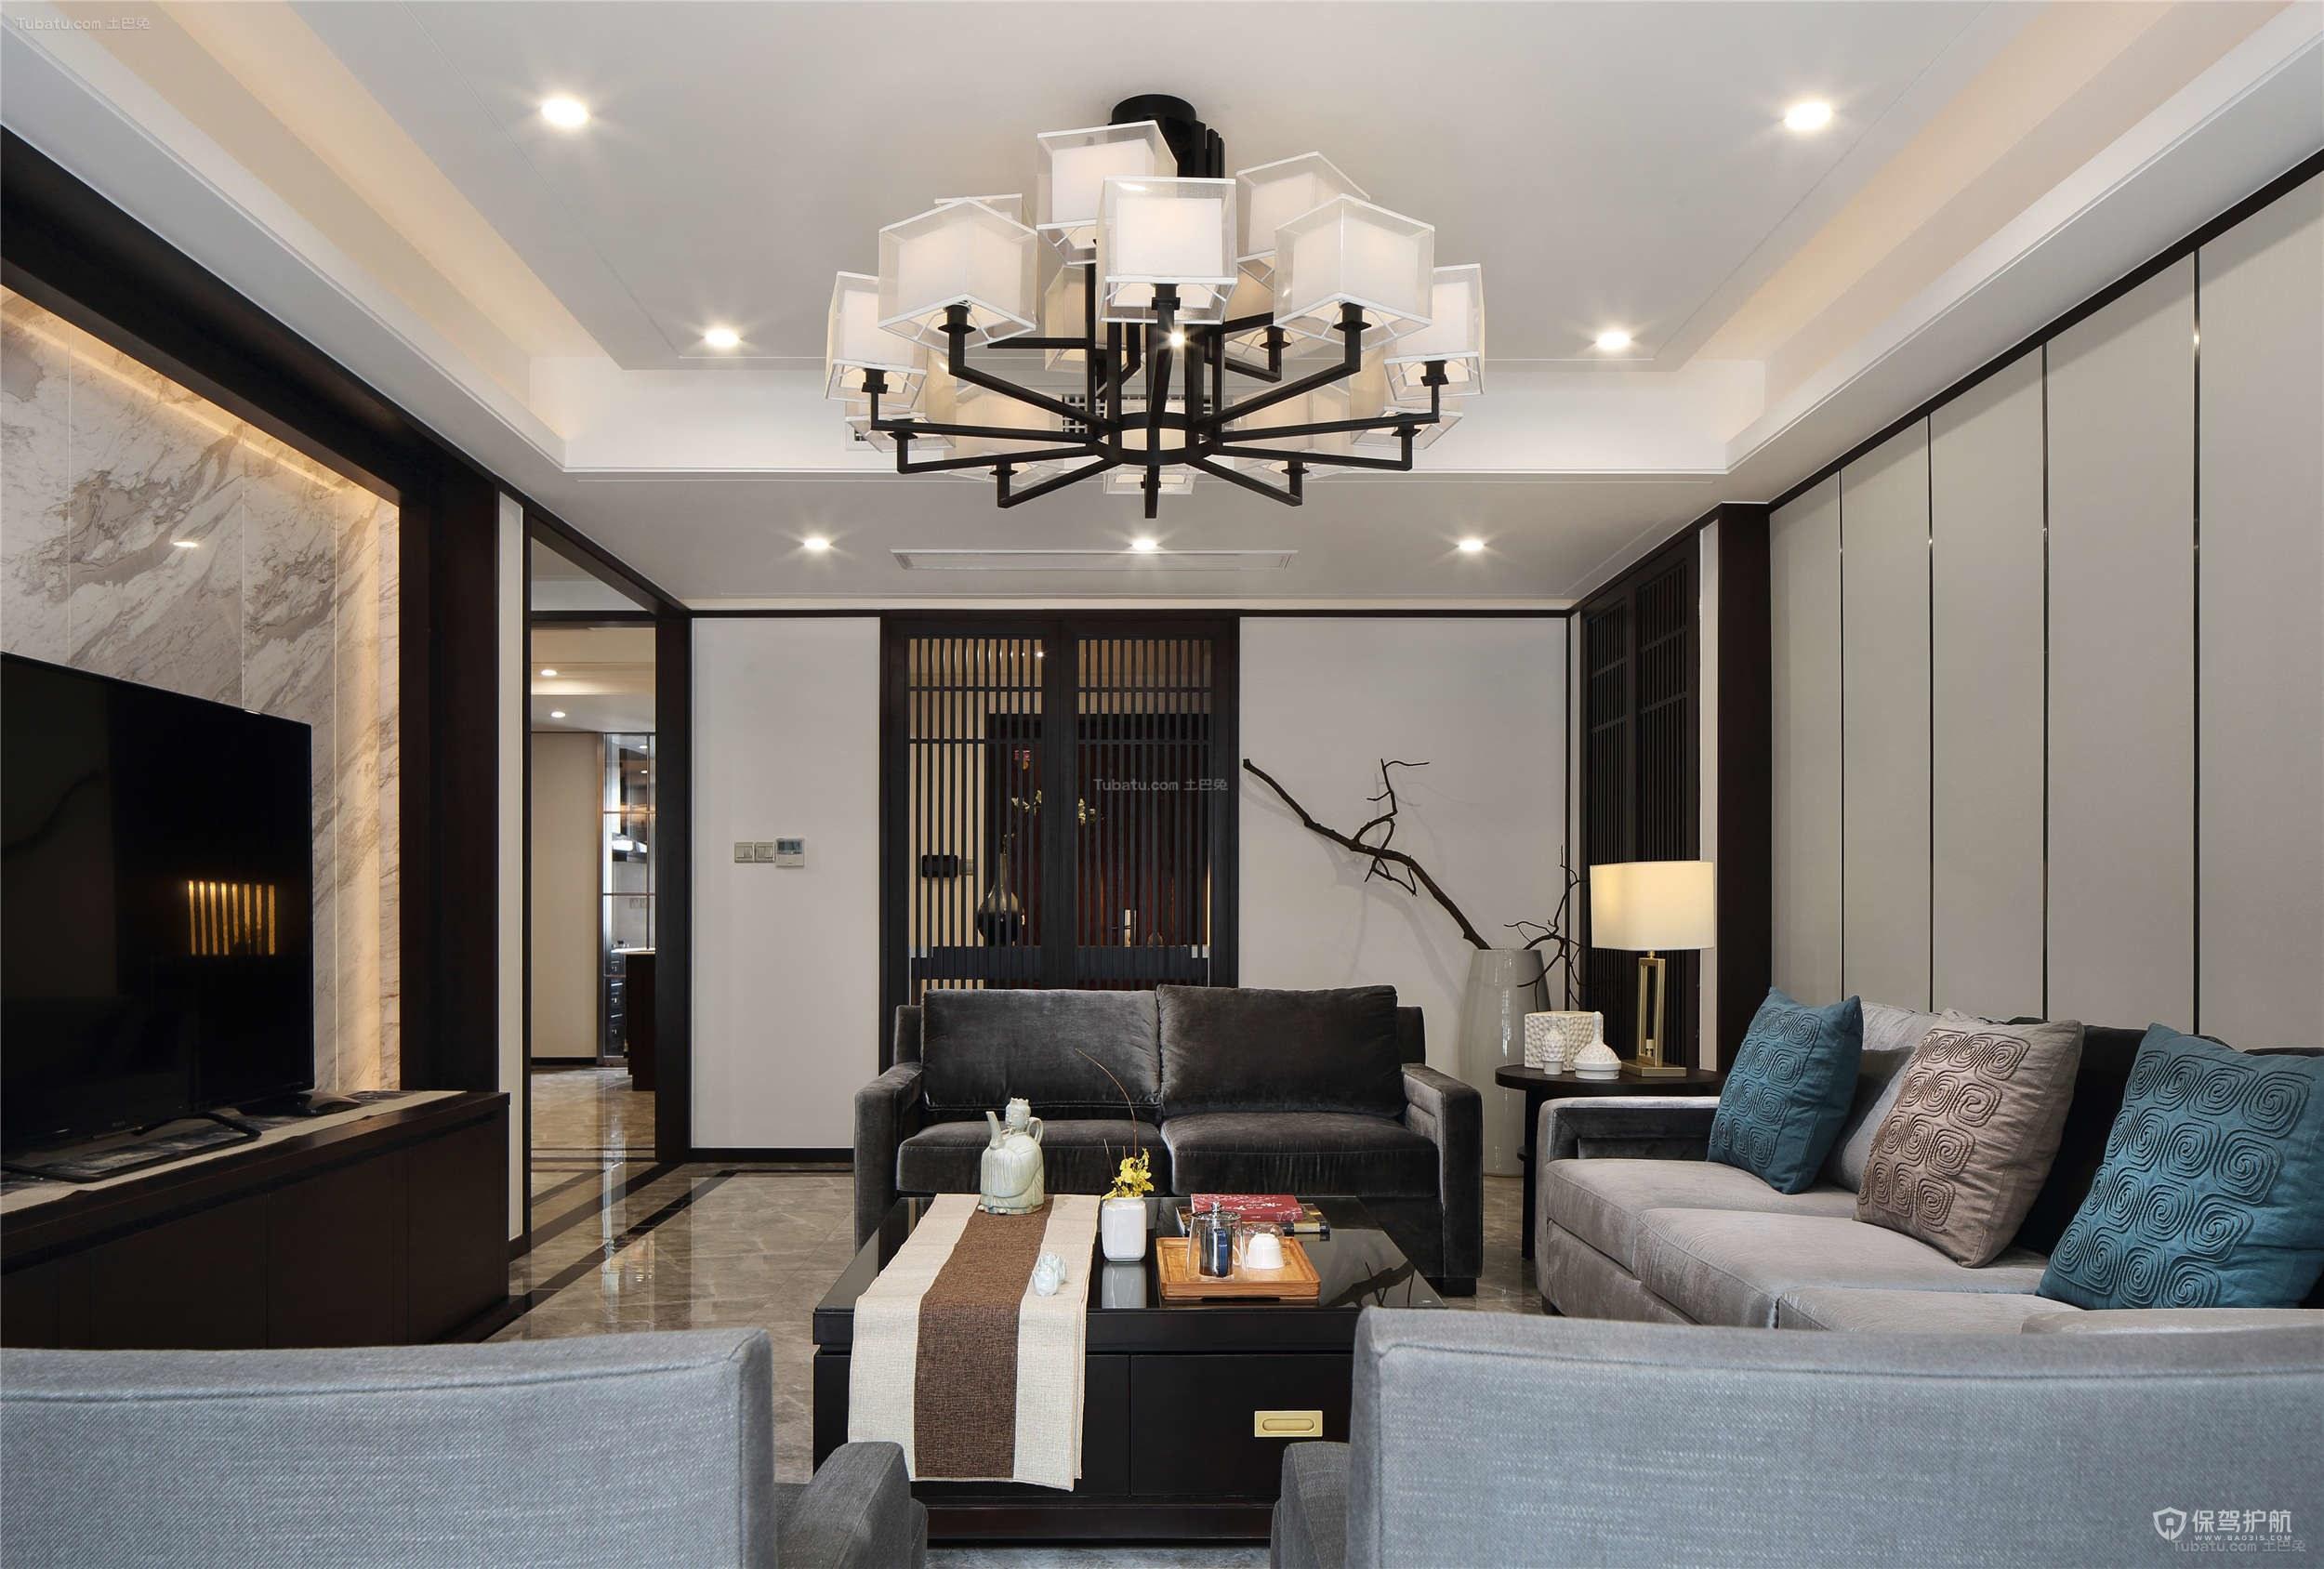 新中式复式客厅吊顶灯具装修效果图